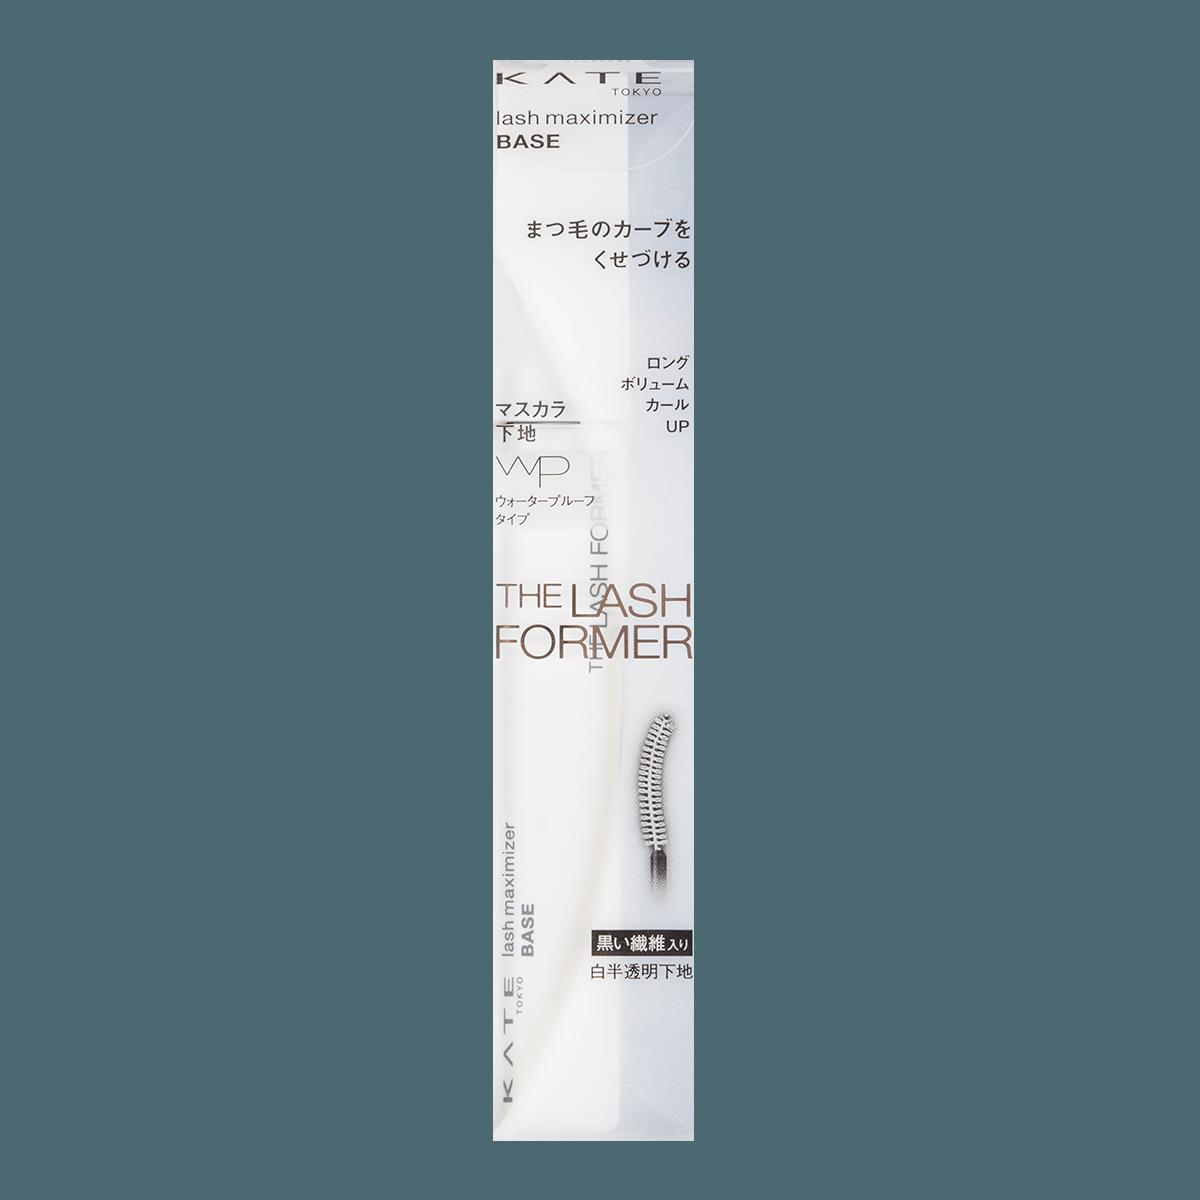 日本KANEBO佳丽宝 KATE 浓密纤长型打底睫毛膏 #EX-1 7.4g 新版